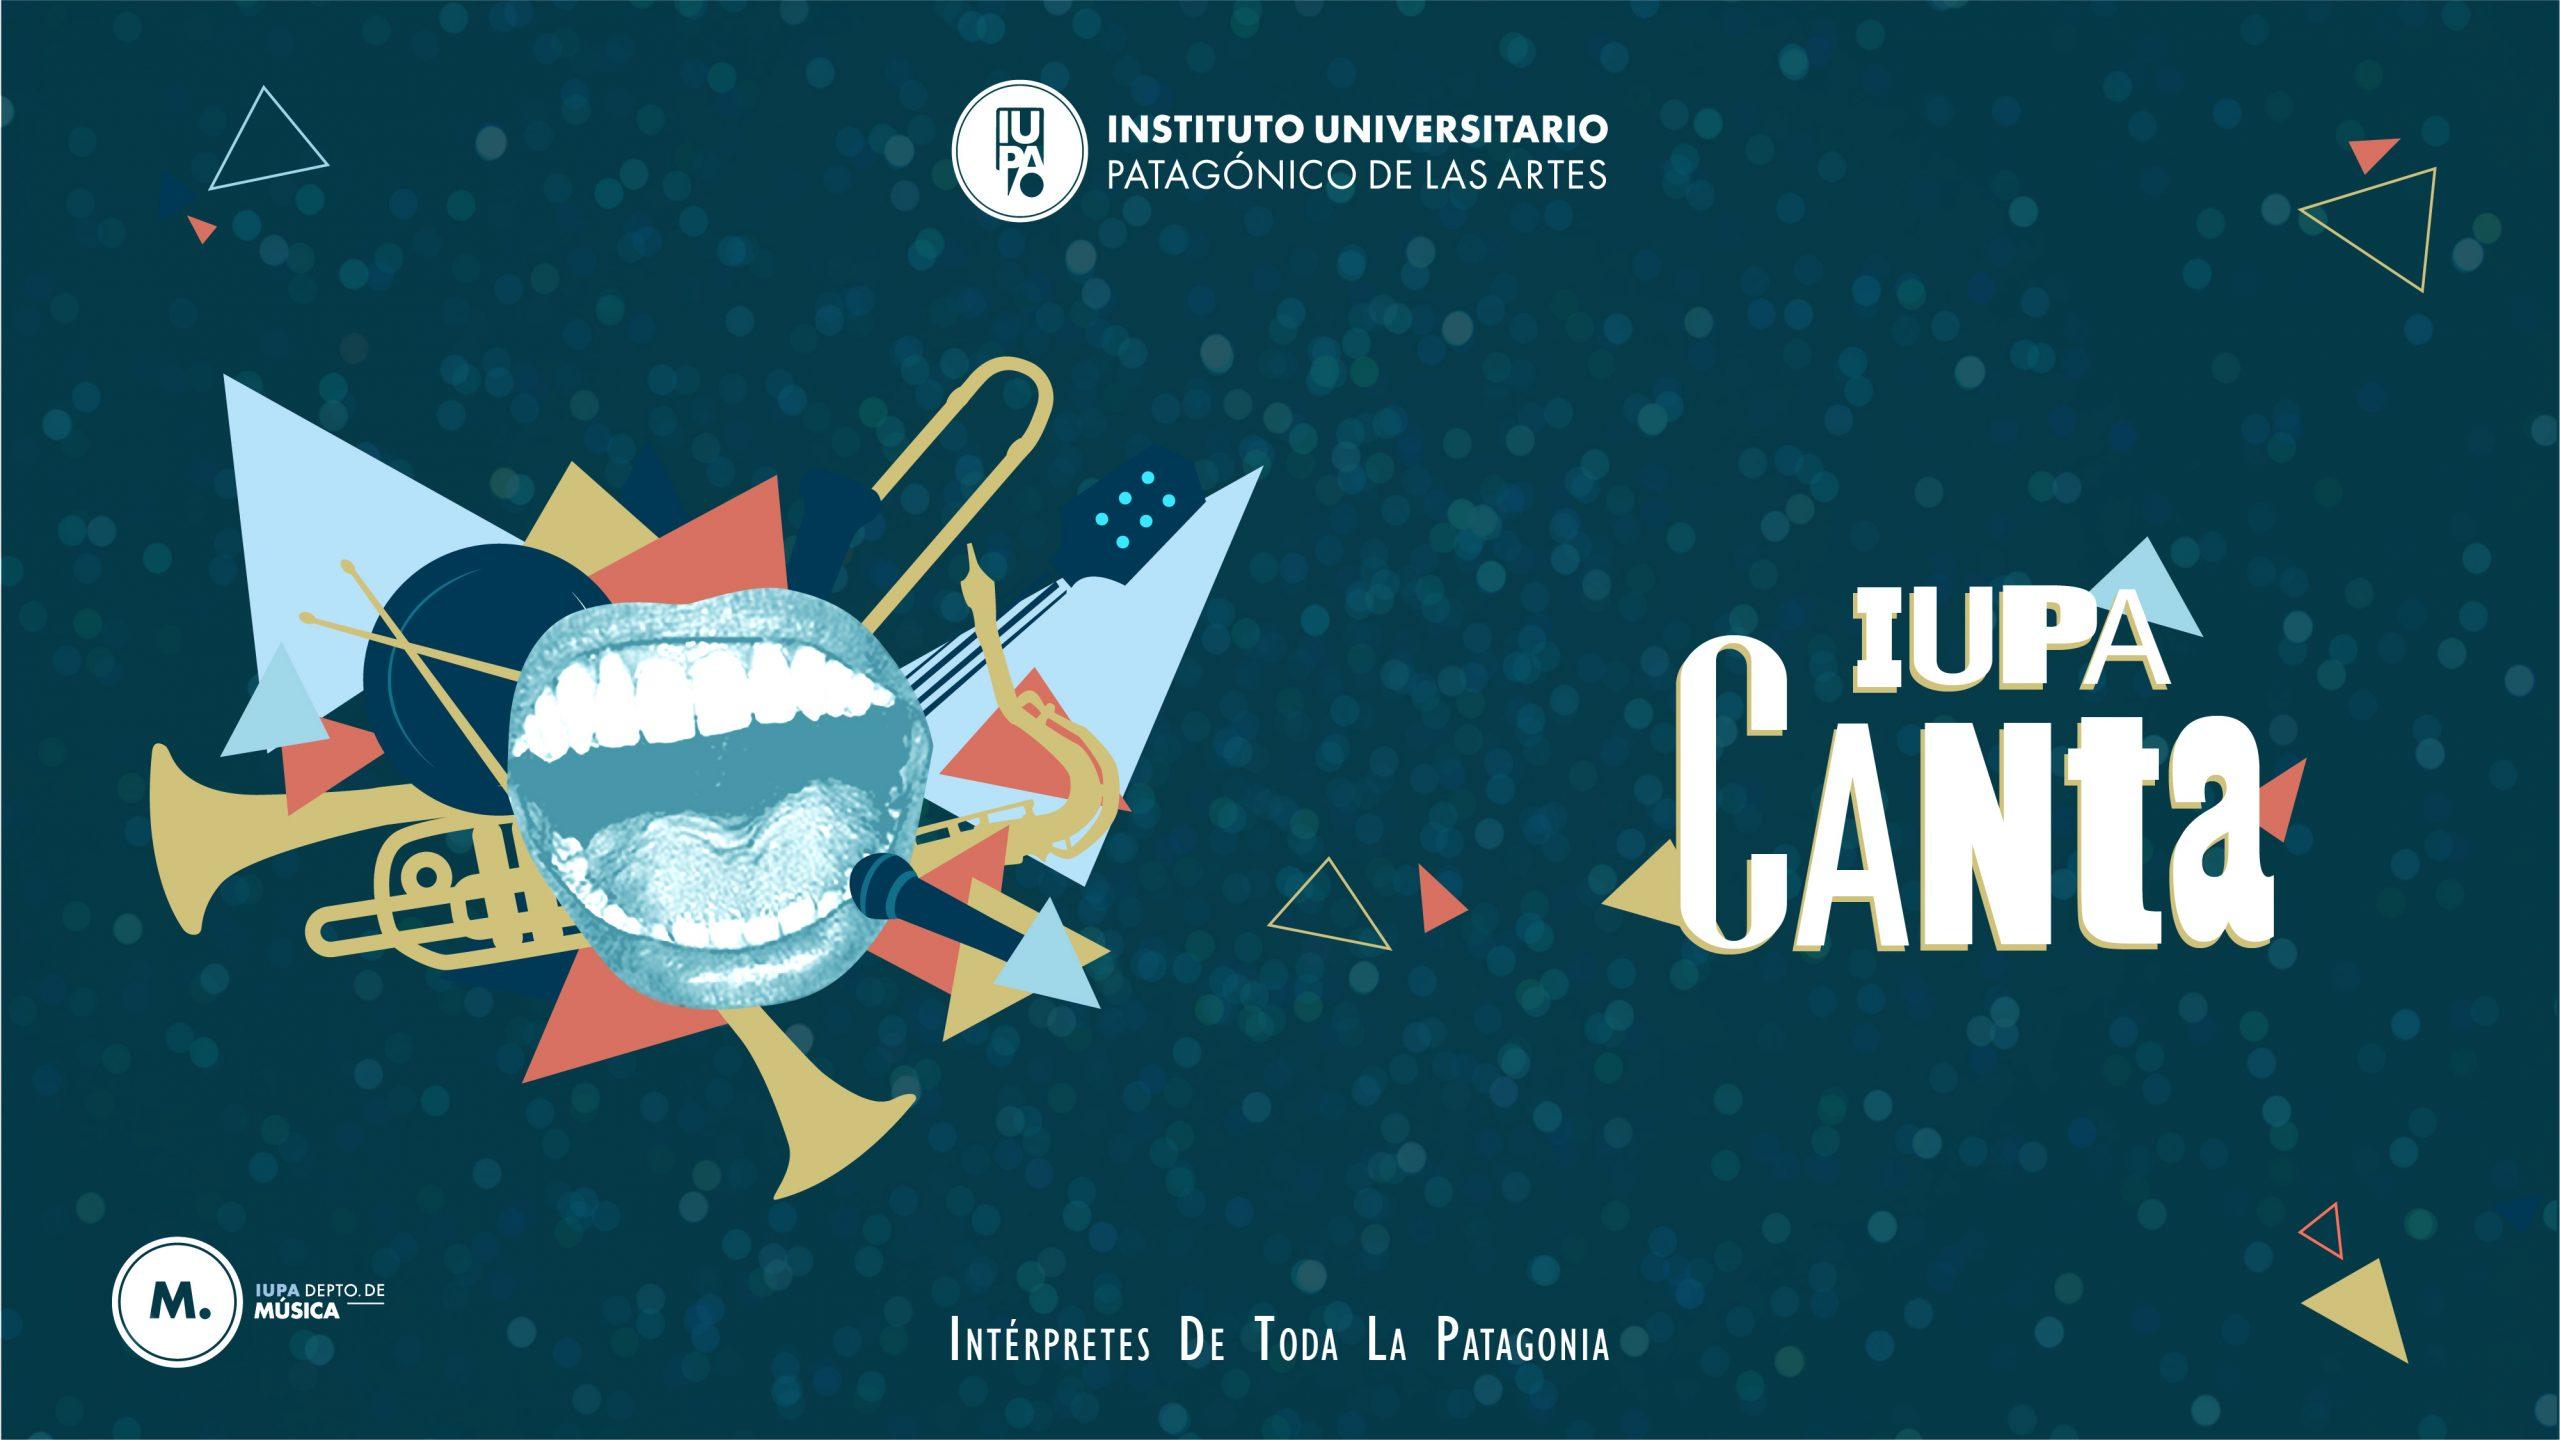 flyer general certamen IUPA Canta